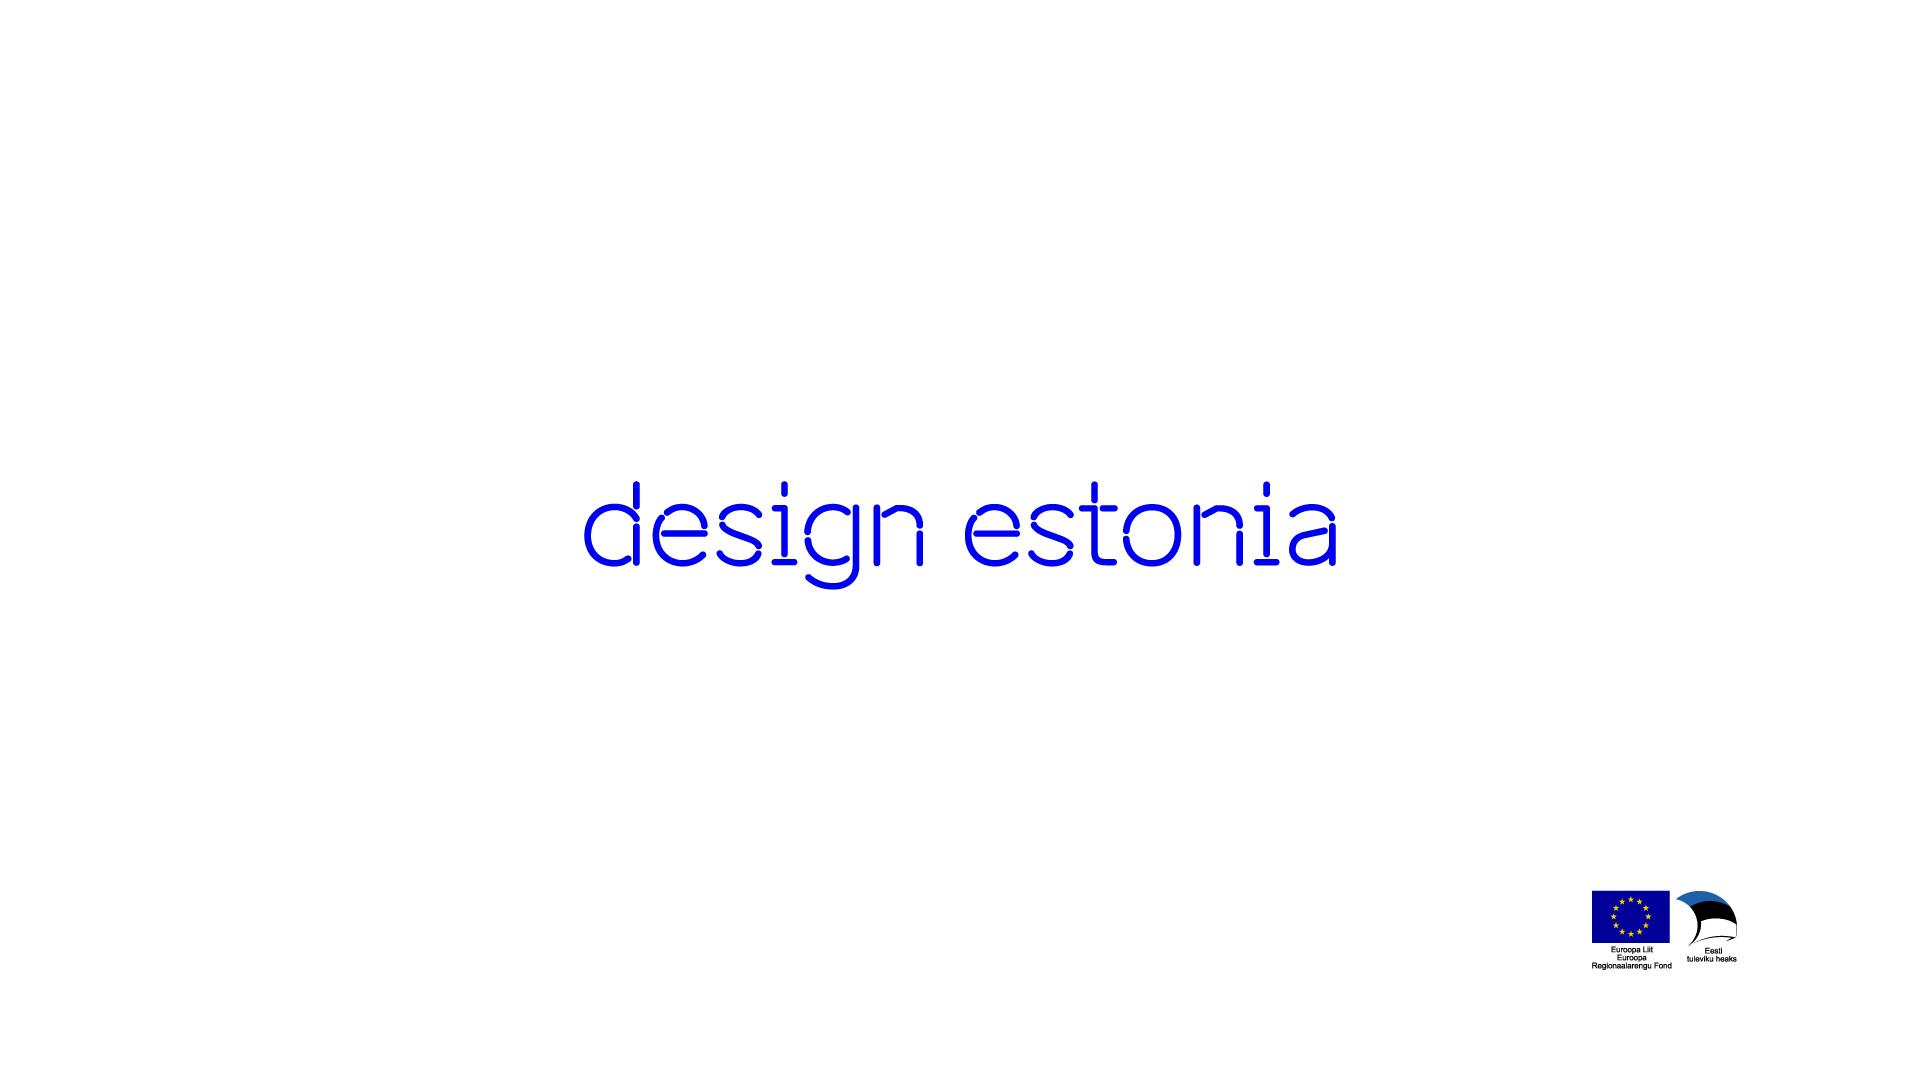 brand estonia video guideline